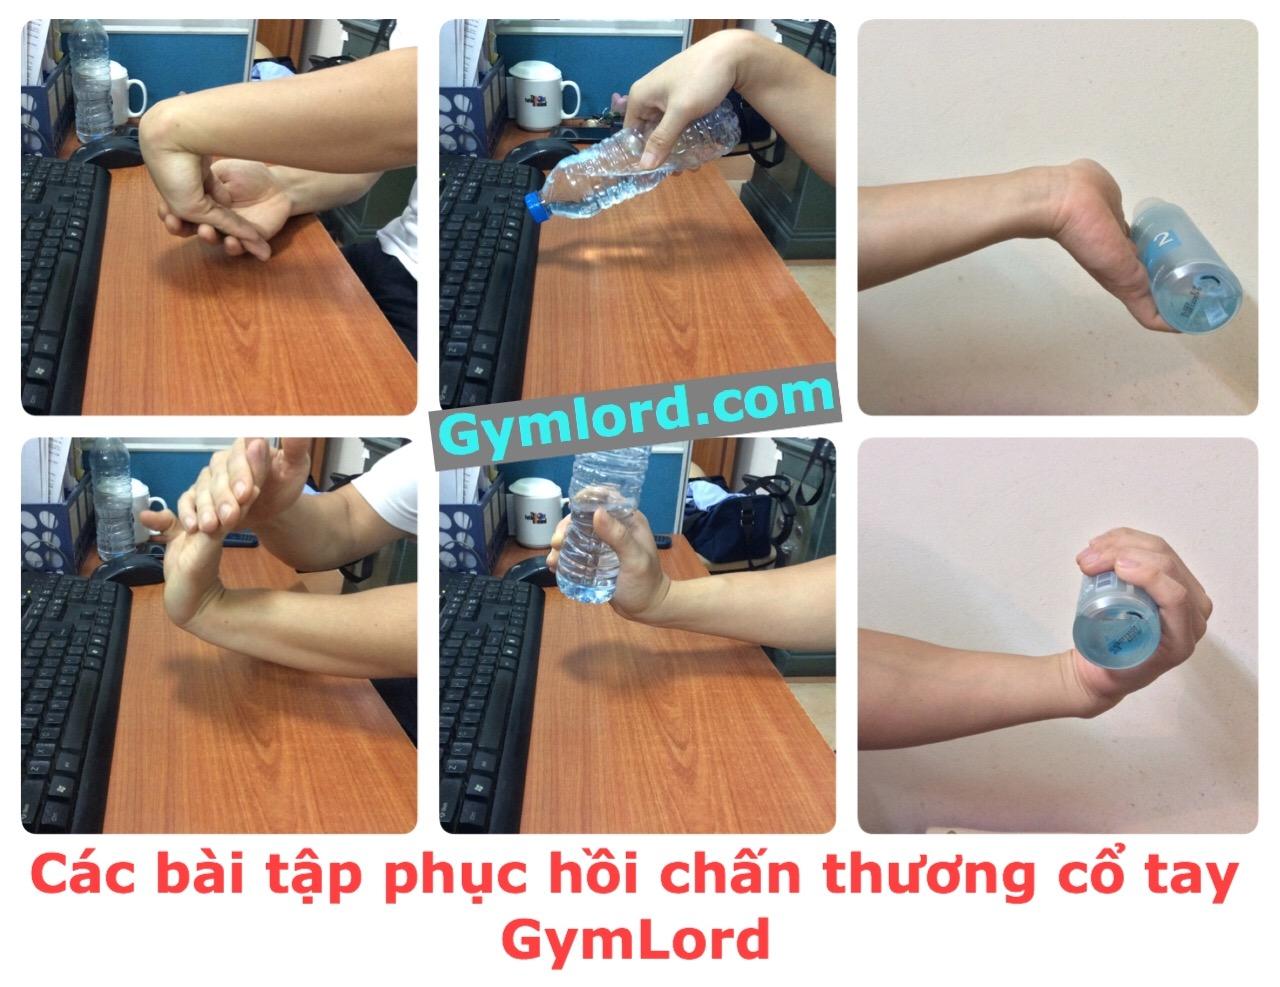 Bài tập phục hồi chấn thương cổ tay 3